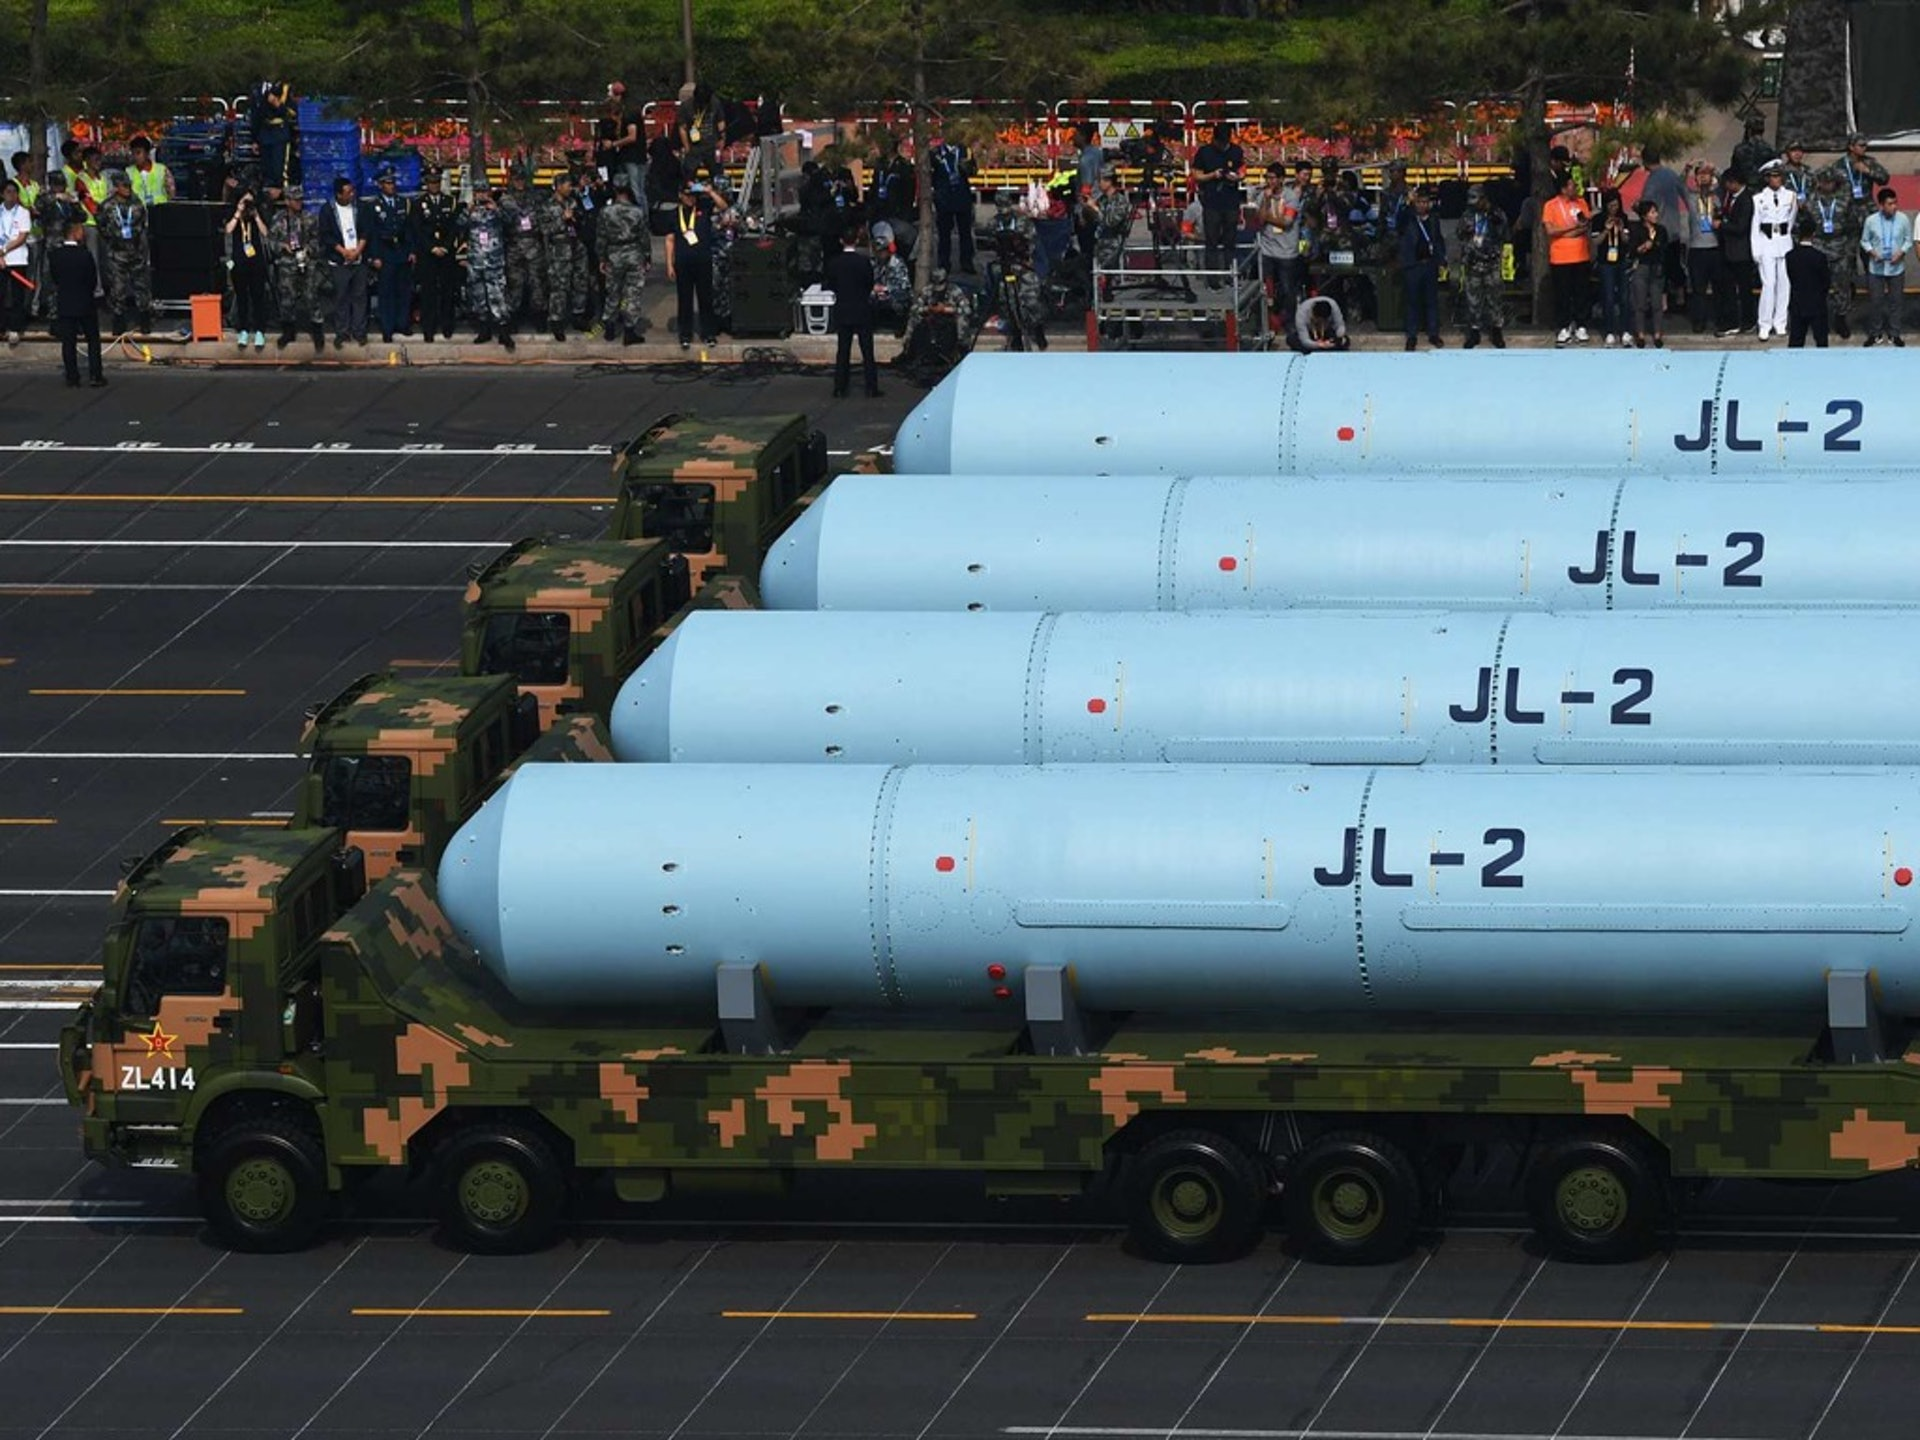 巨浪-2核导弹与094型战略核潜艇构成中国第二代海基核威慑力量。(新华社)